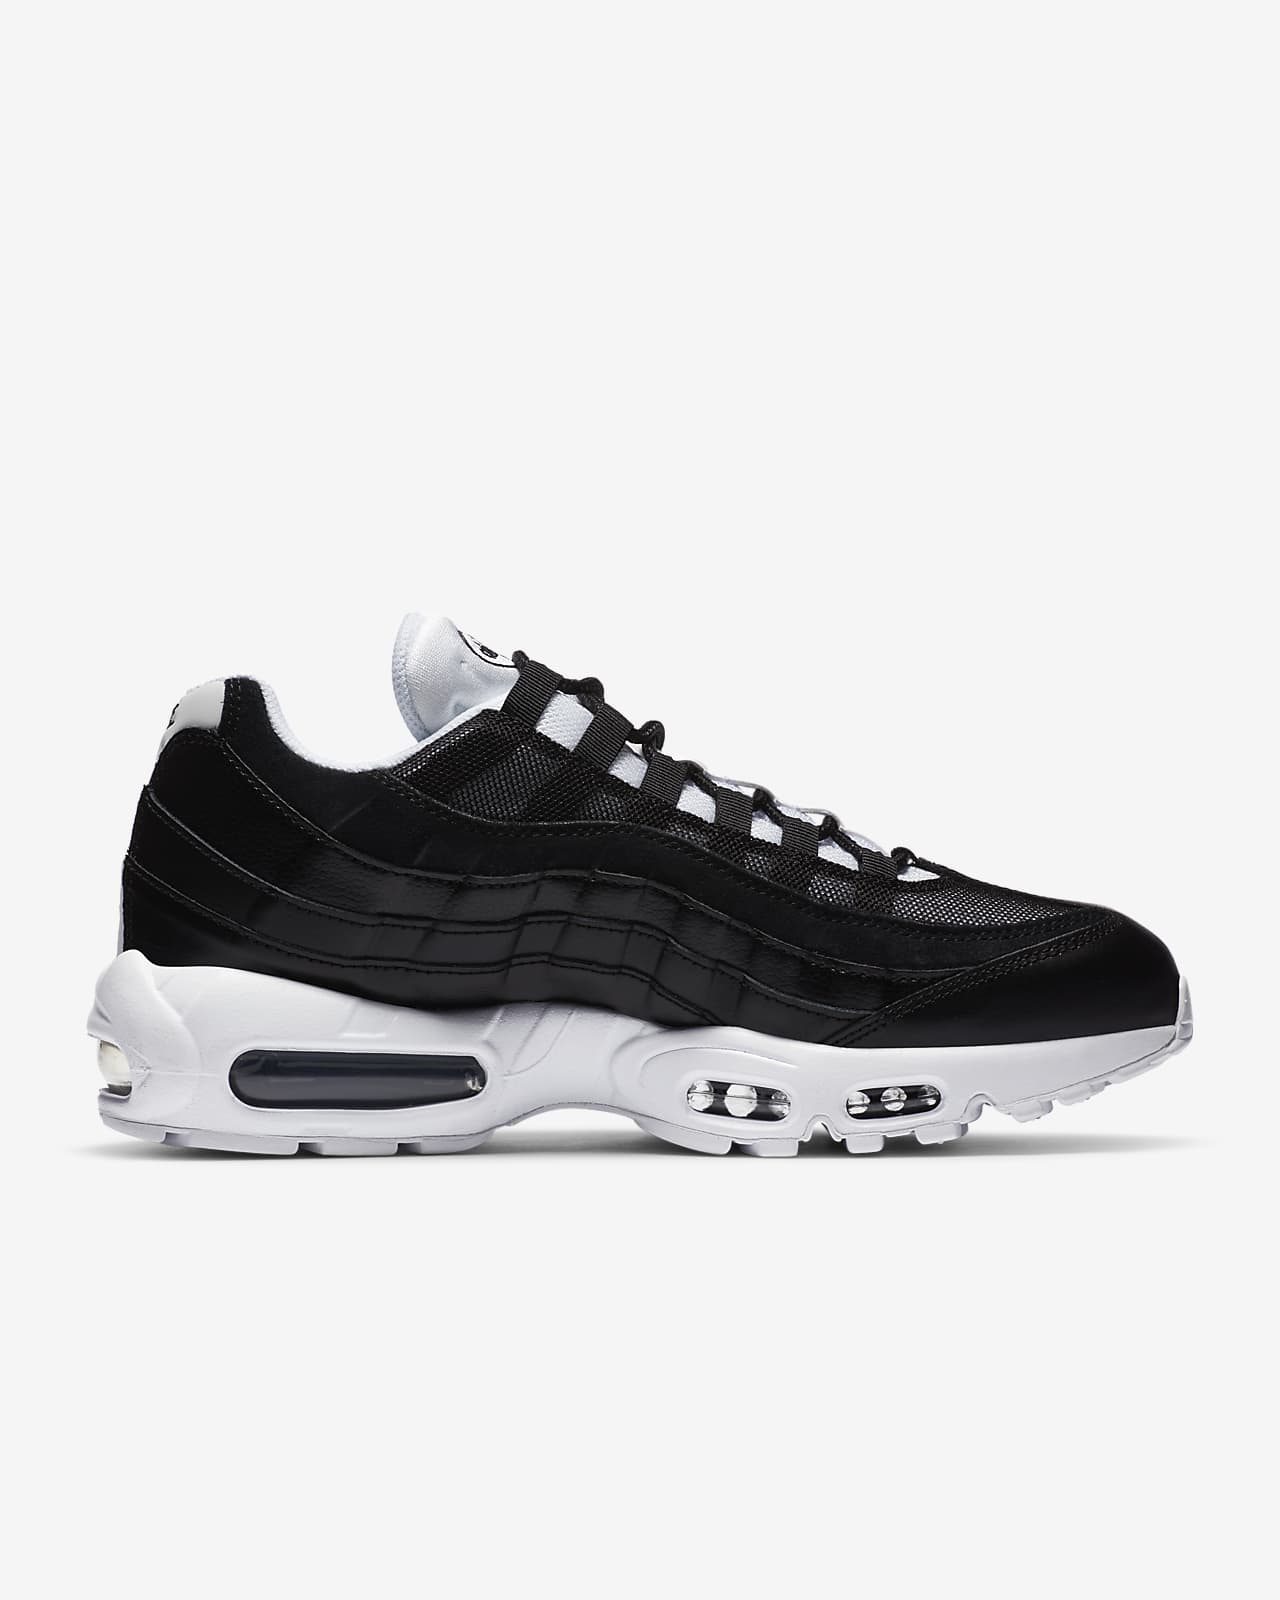 air max 95 chaussure